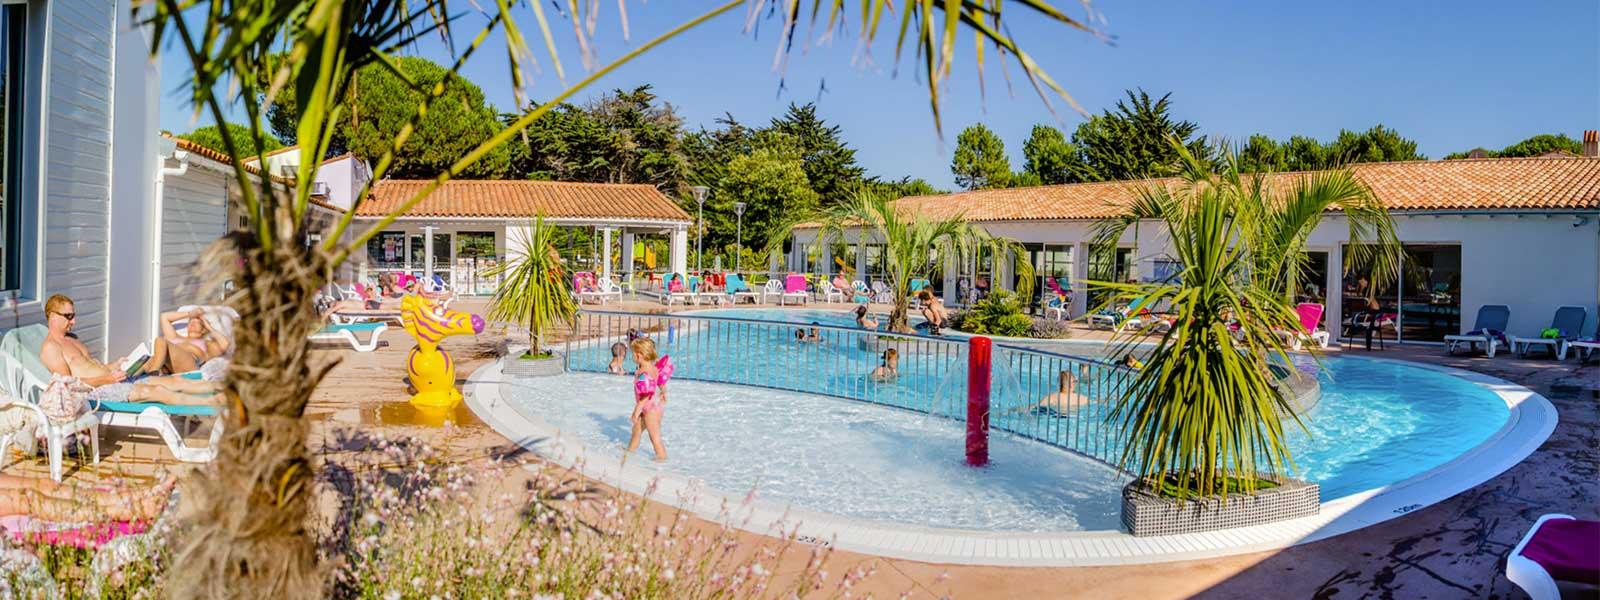 Camping Ile De Ré | Bois Plage | Les Varennes | Charente ... concernant Camping La Rochelle Avec Piscine